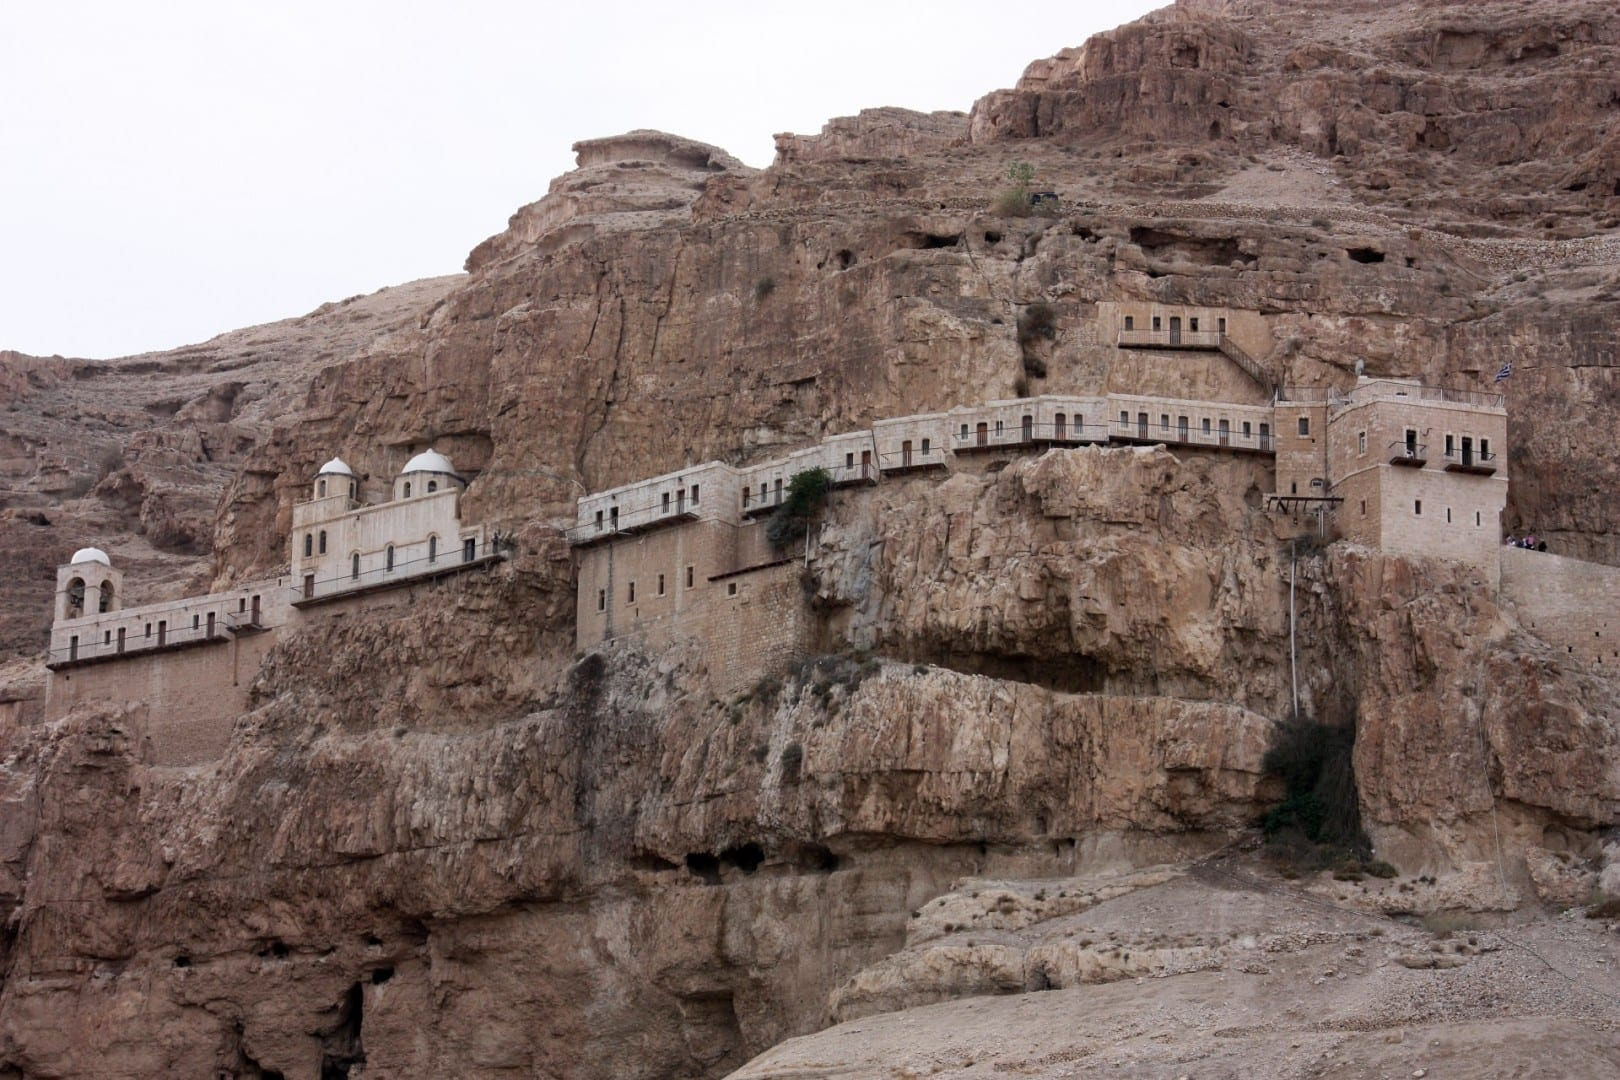 El Monasterio Ortodoxo Griego de la Tentación al norte de Jericó Jericó Palestina